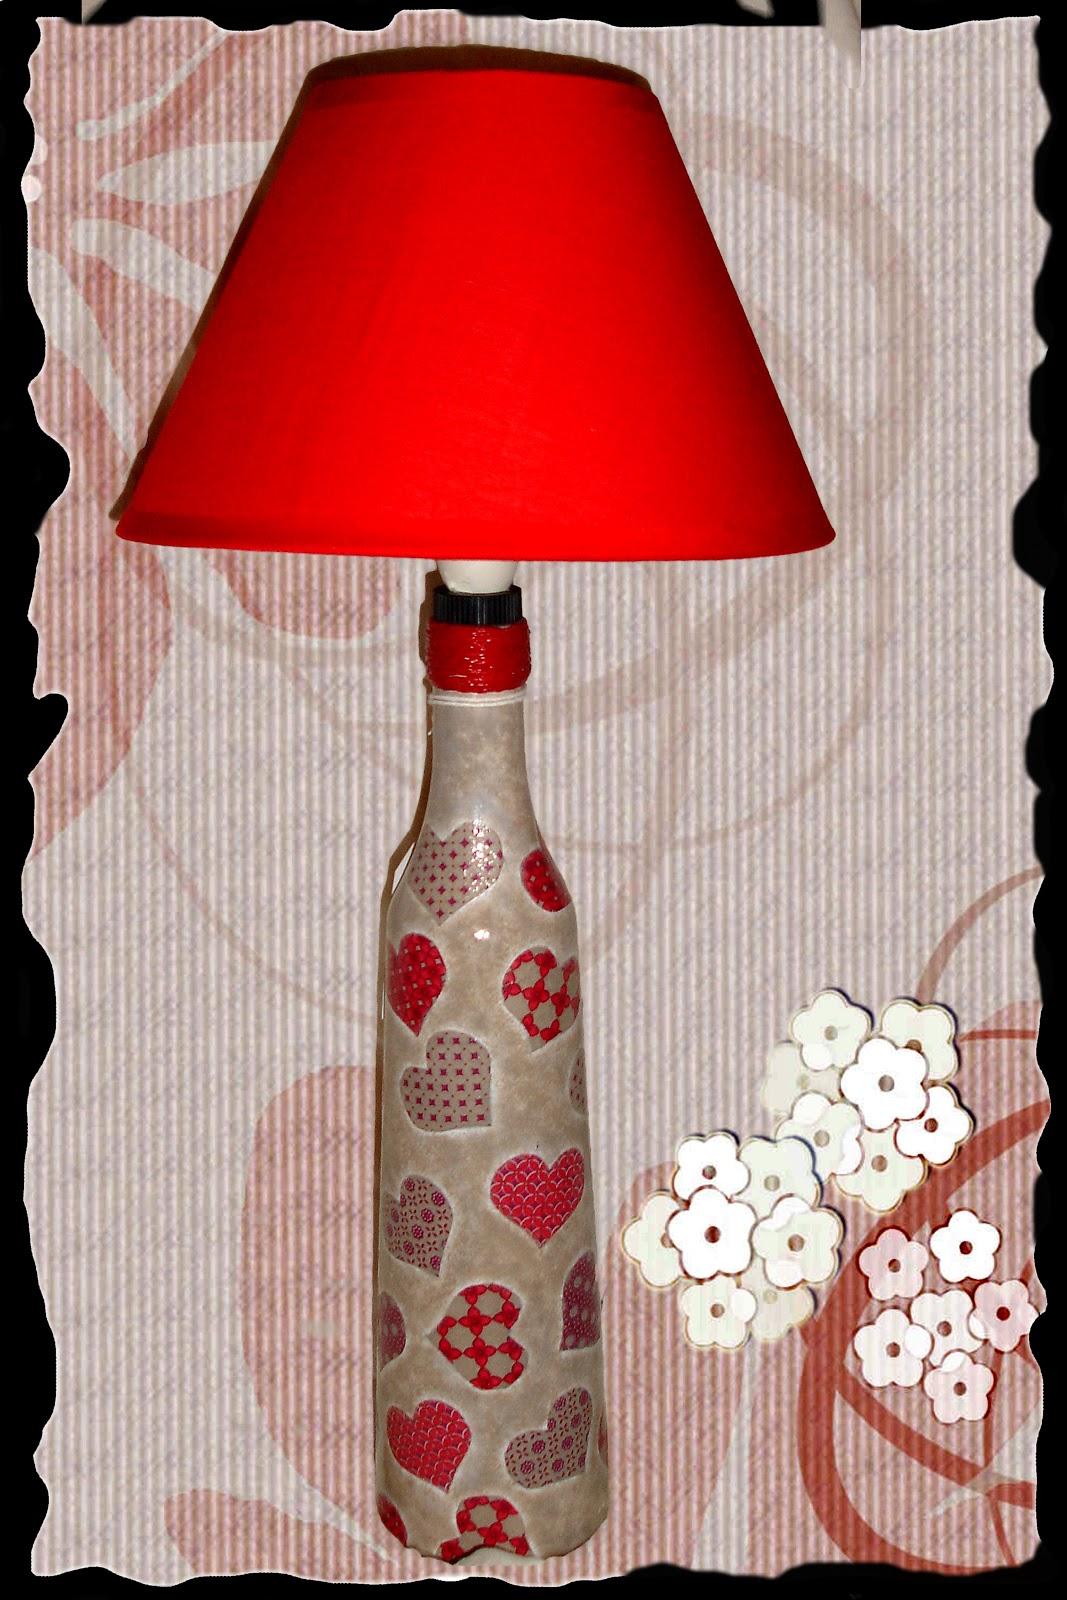 Decora con botellas de cristal ayc adapta y combina - Lamparas hechas con botellas ...